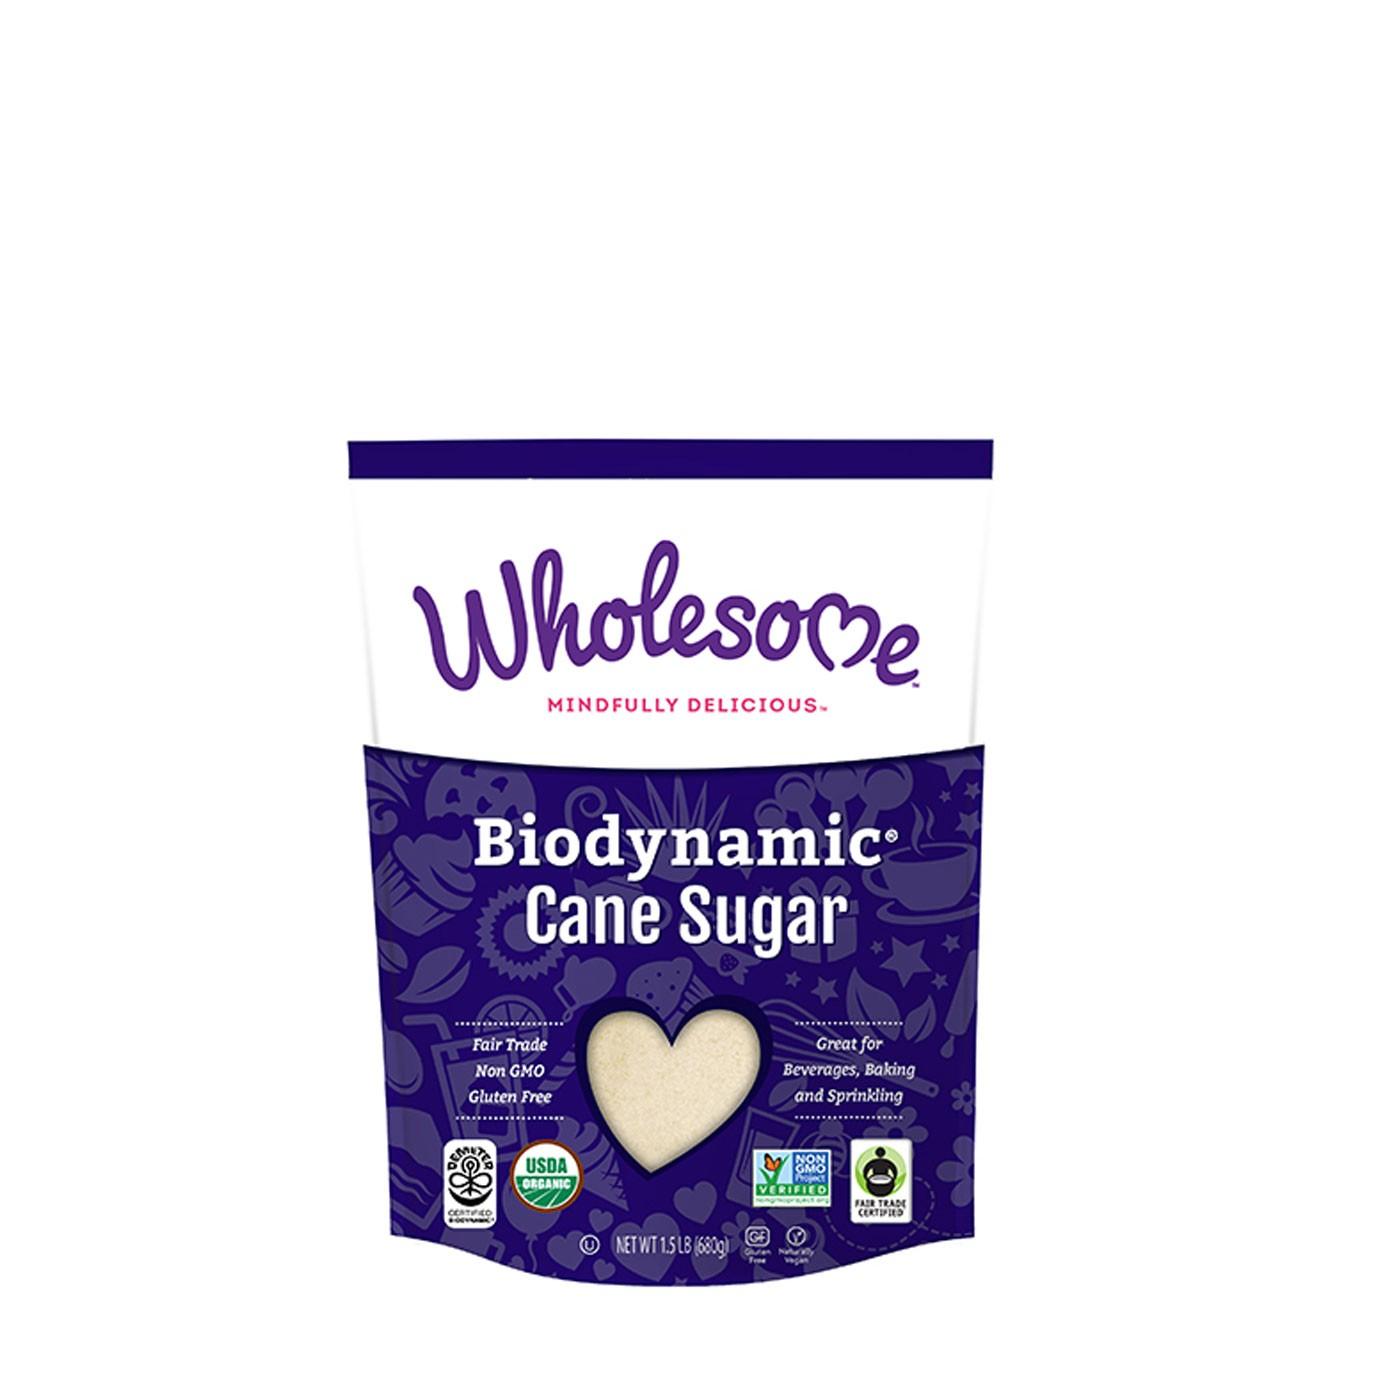 Biodynamic Cane Sugar 24 oz